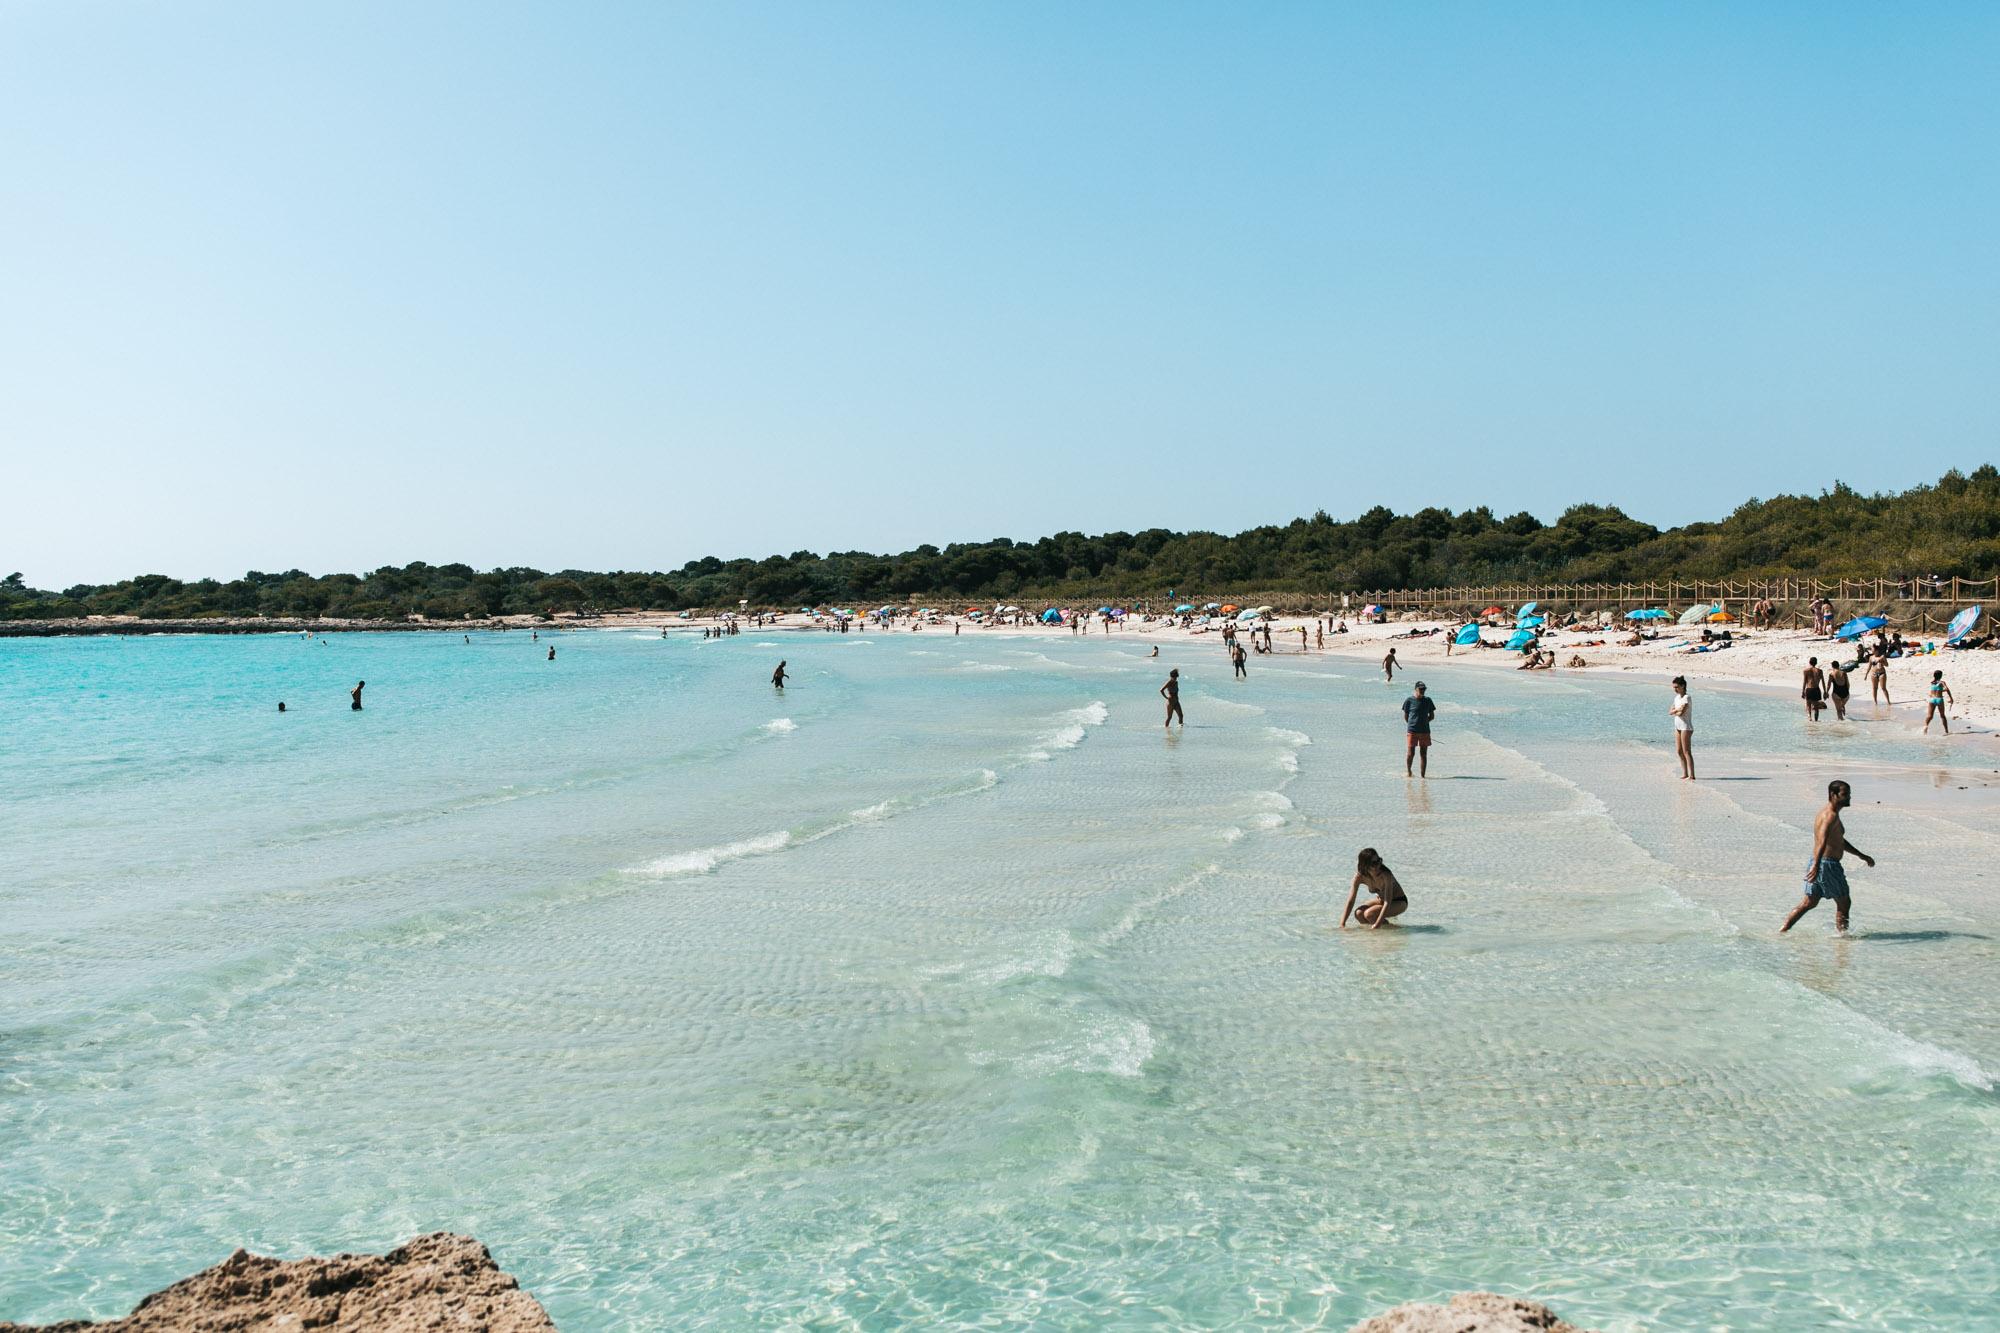 MenorcaBlog_HBGOODIE2018 (30 of 64).jpg